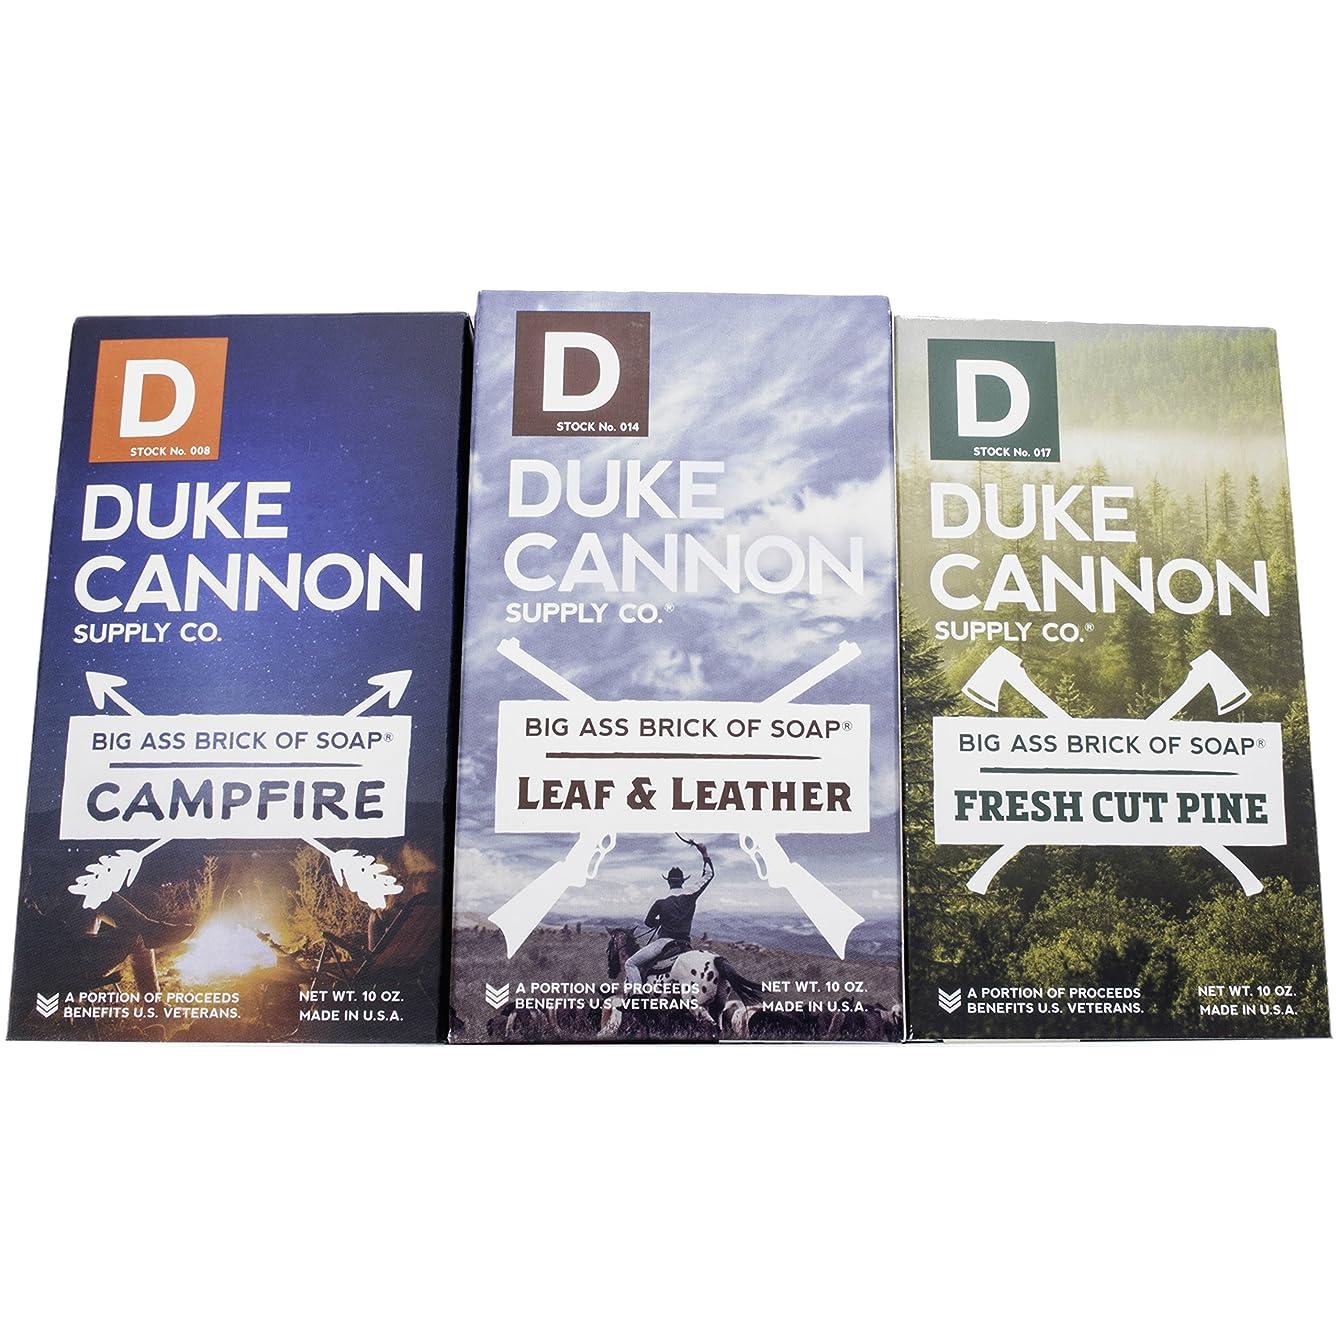 介入する発明する連隊Duke Cannon「Great American Frontier」メンズ ソープセット 大きなレンガ フレッシュカットパイン、リーフ&レザー、キャンプファイヤー